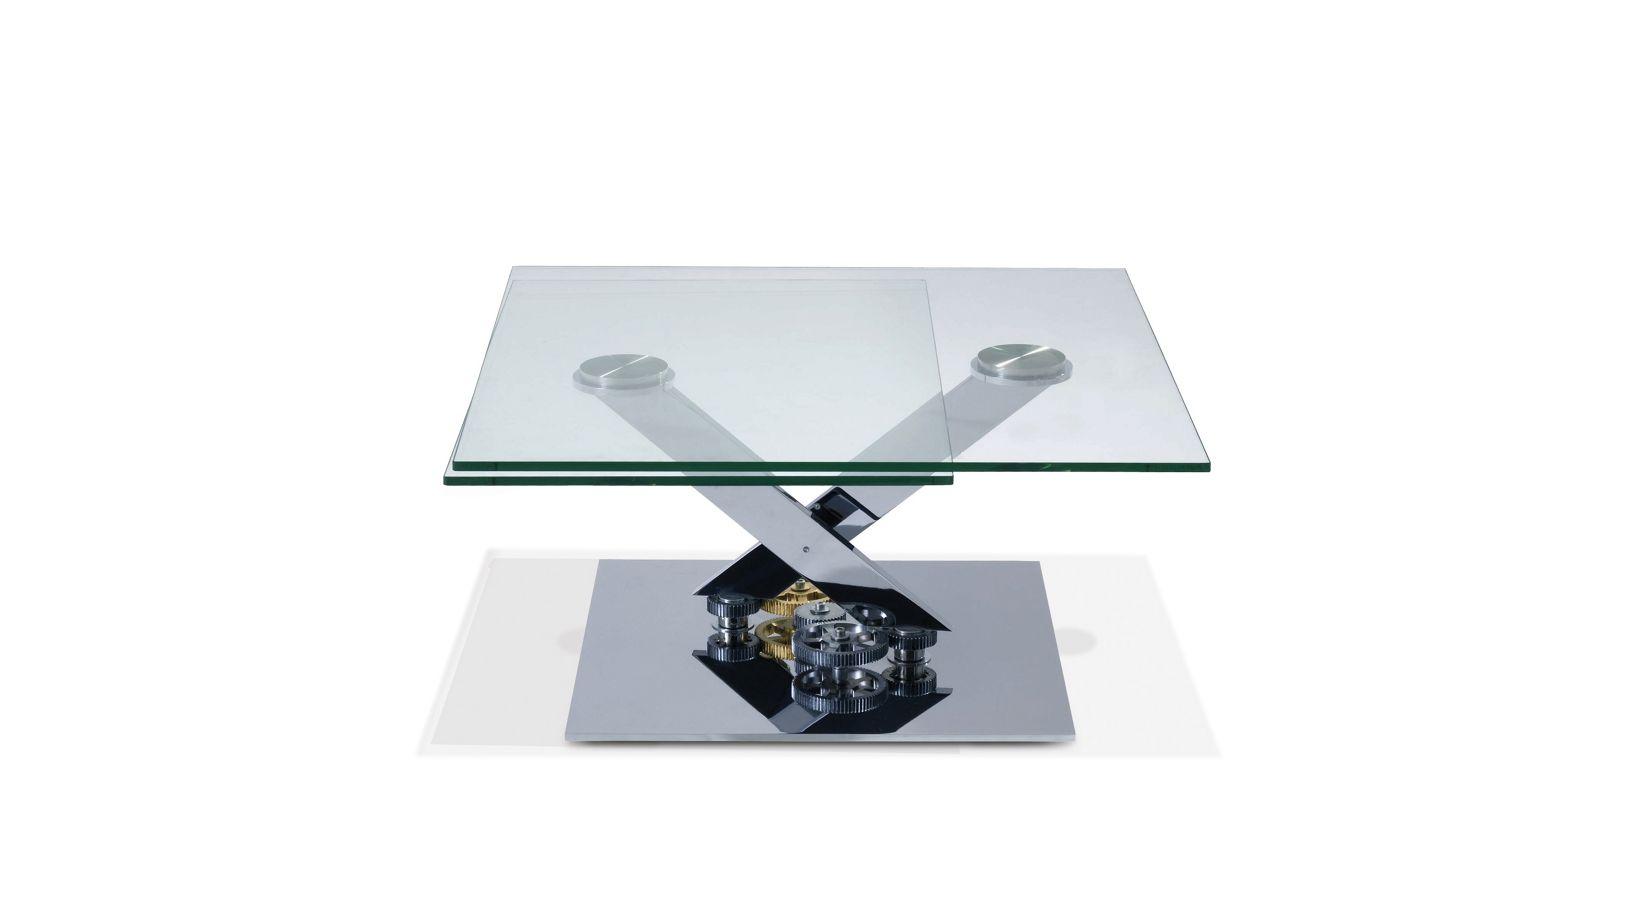 Astrolab table de repas roche bobois - Table de salon roche bobois ...